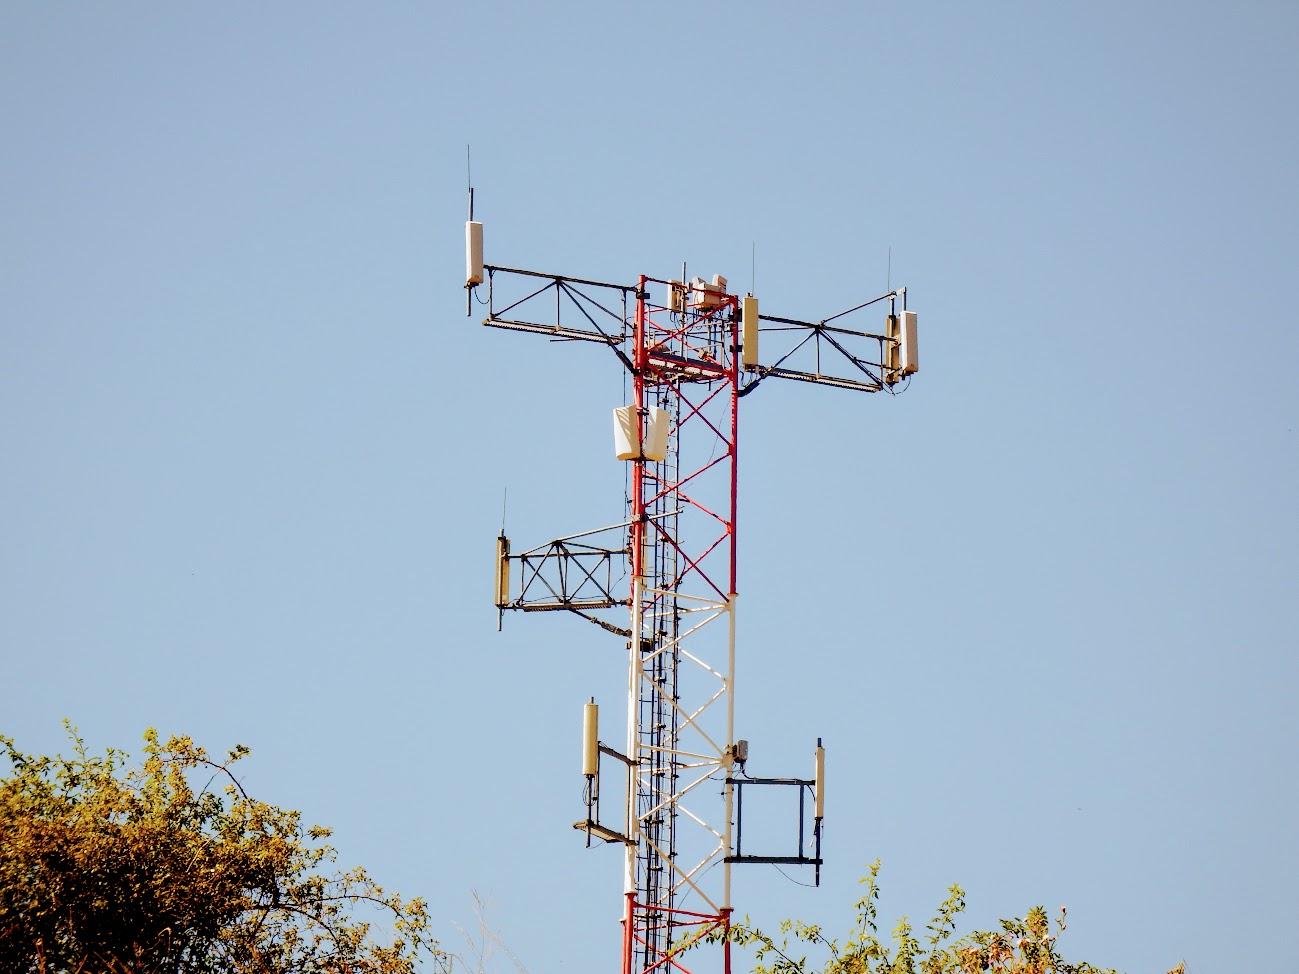 Csobánka - DVB-T gapfiller